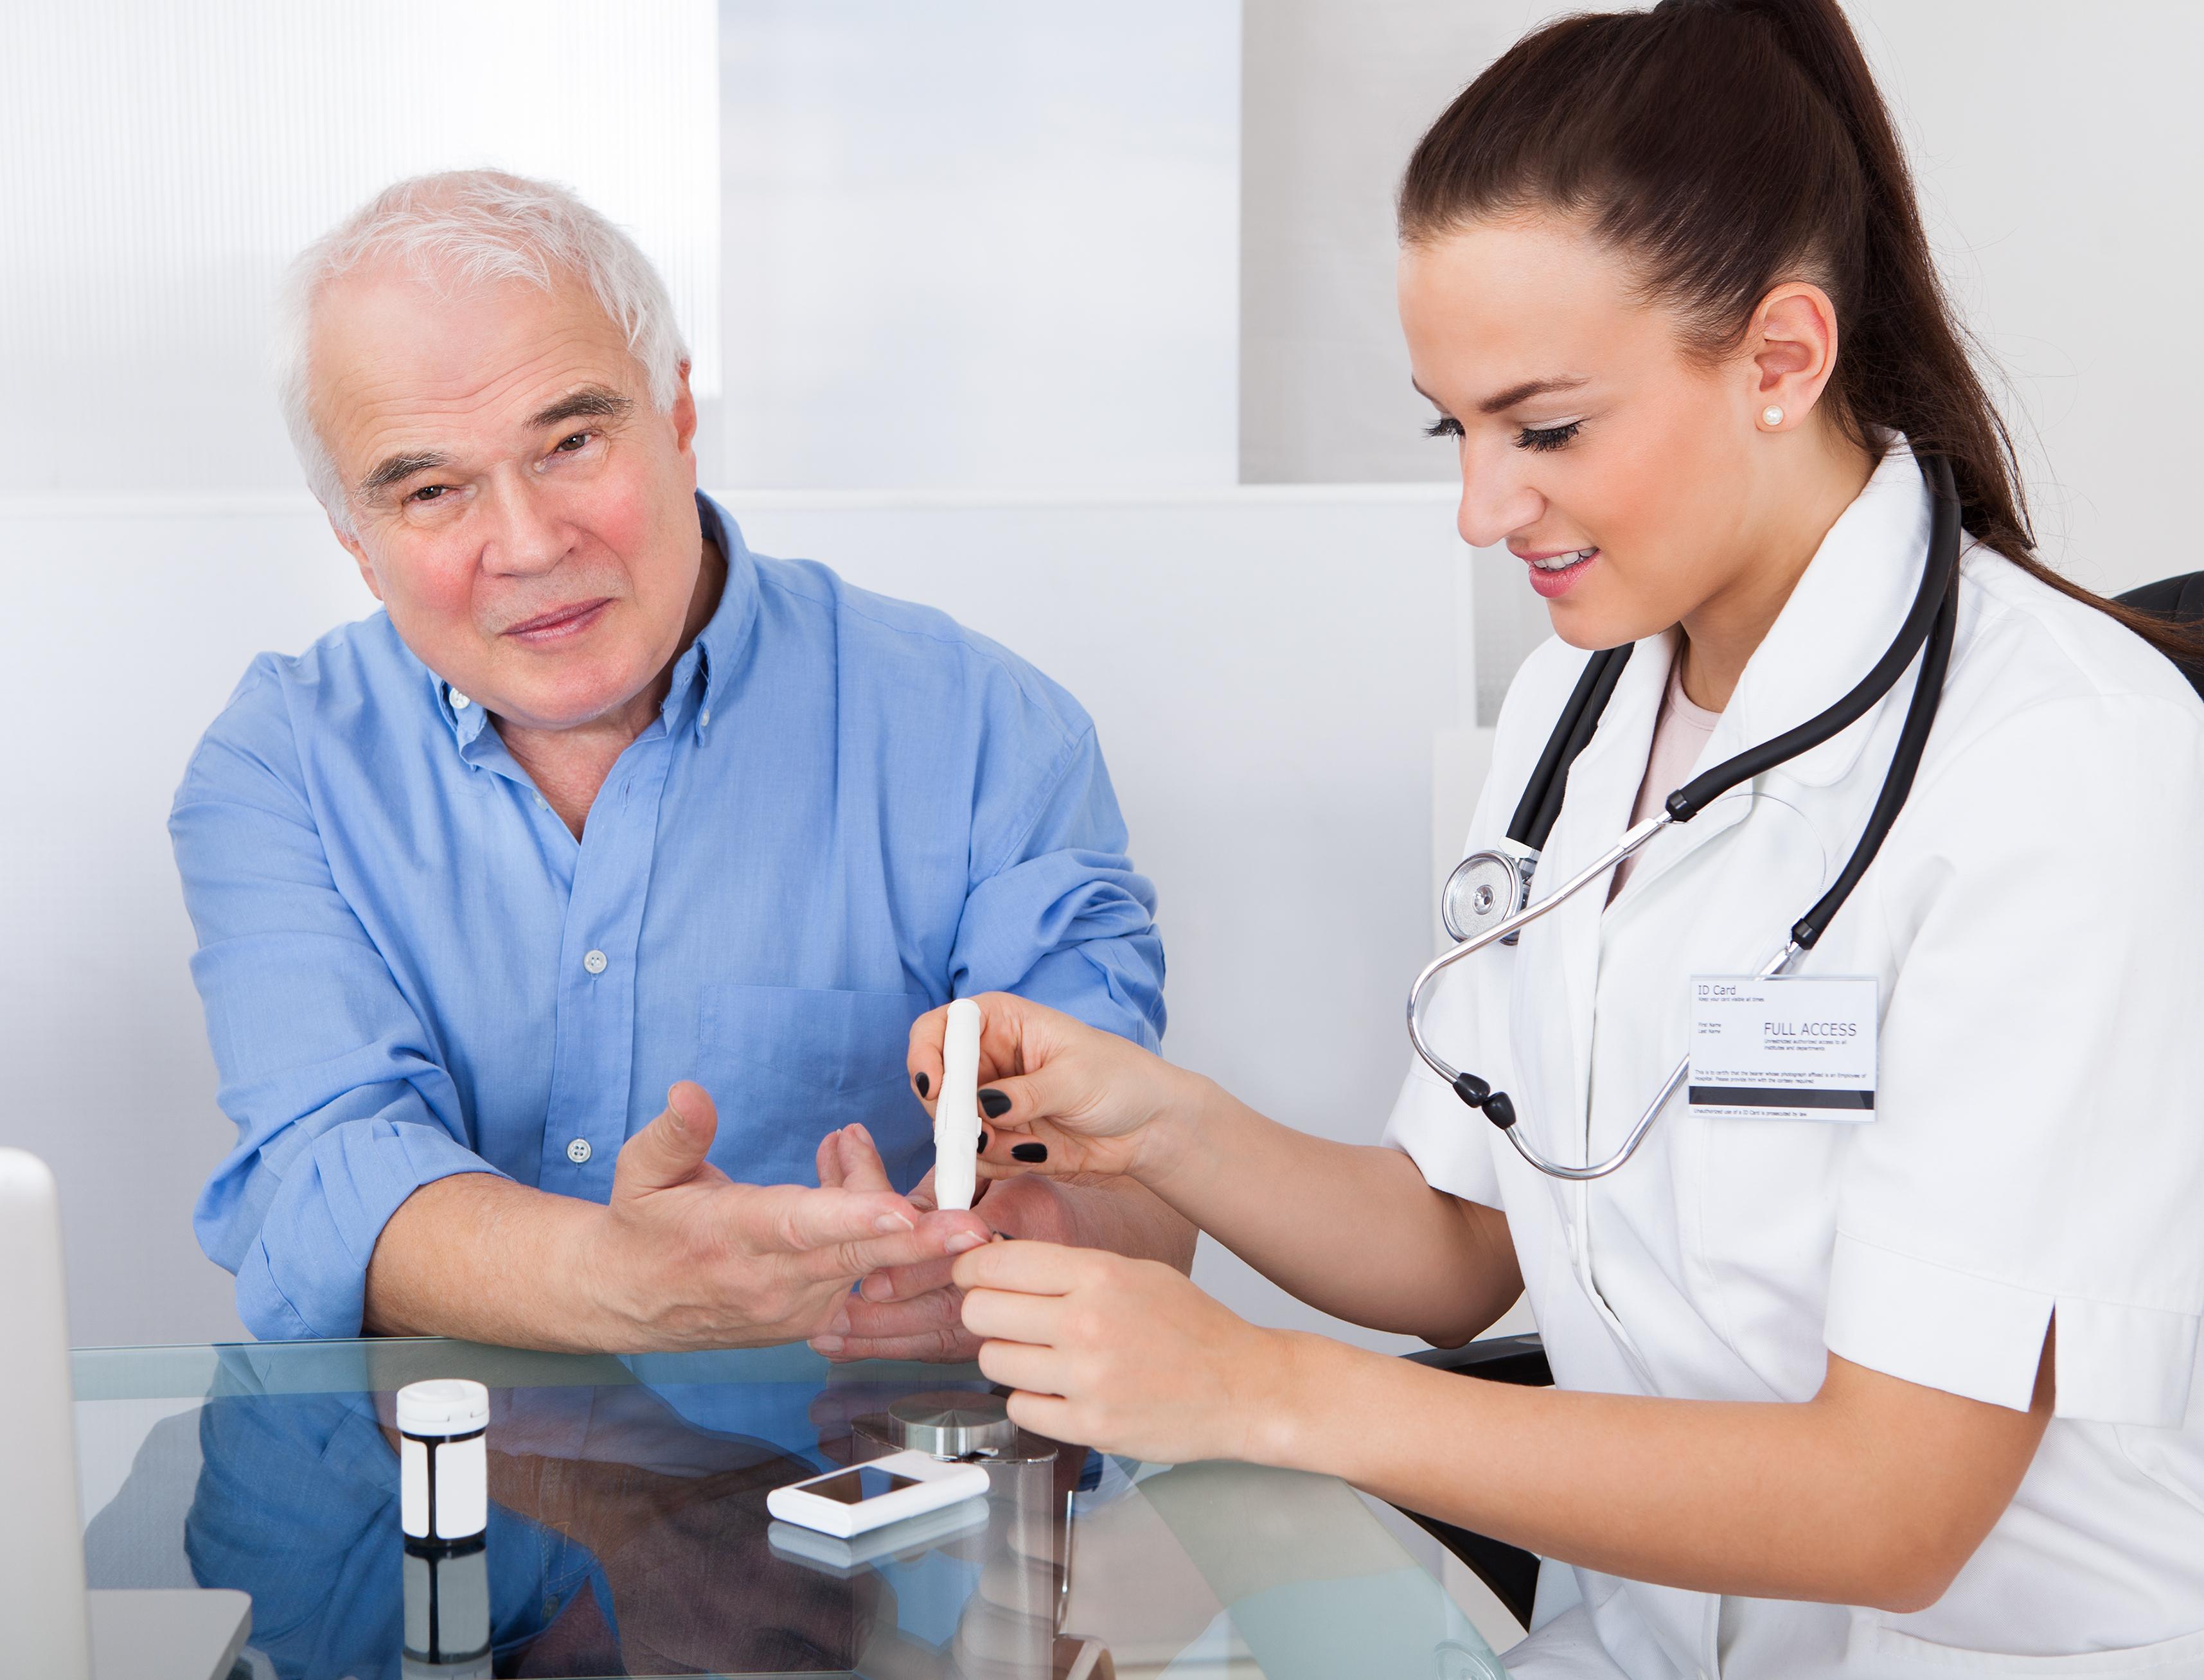 Female doctor using lancelet on senior m